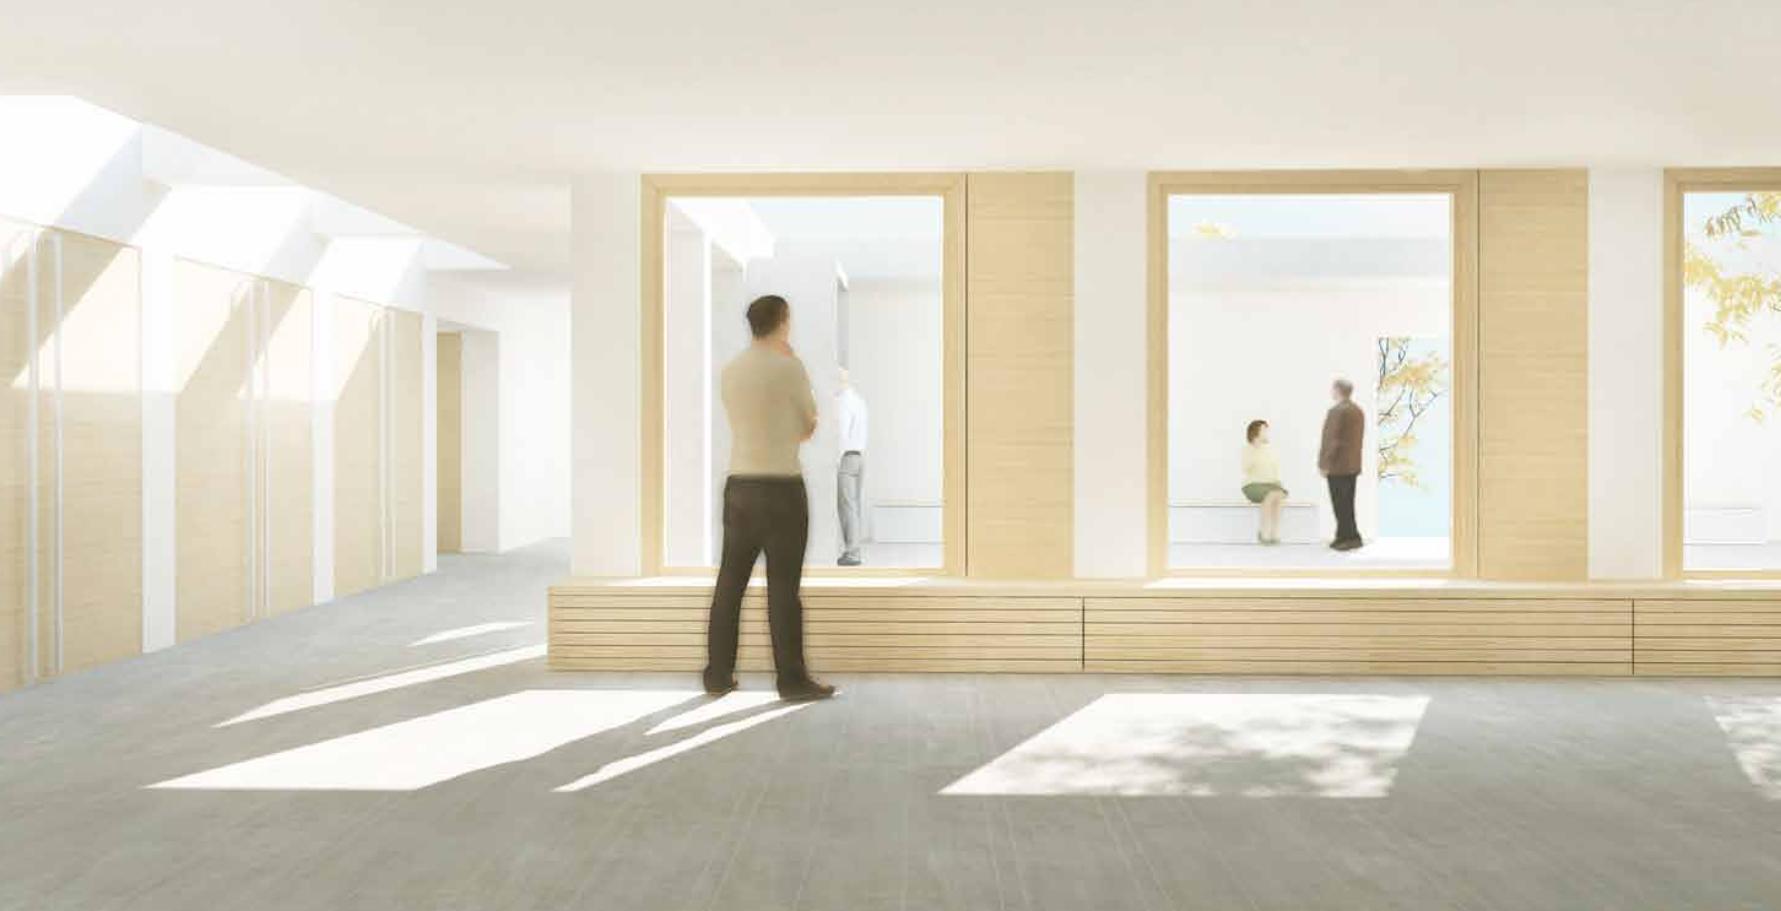 Perspektive des Foyers der Kreuzkirchengemeinde in Celle Wettbewerb Gutachterverfahren